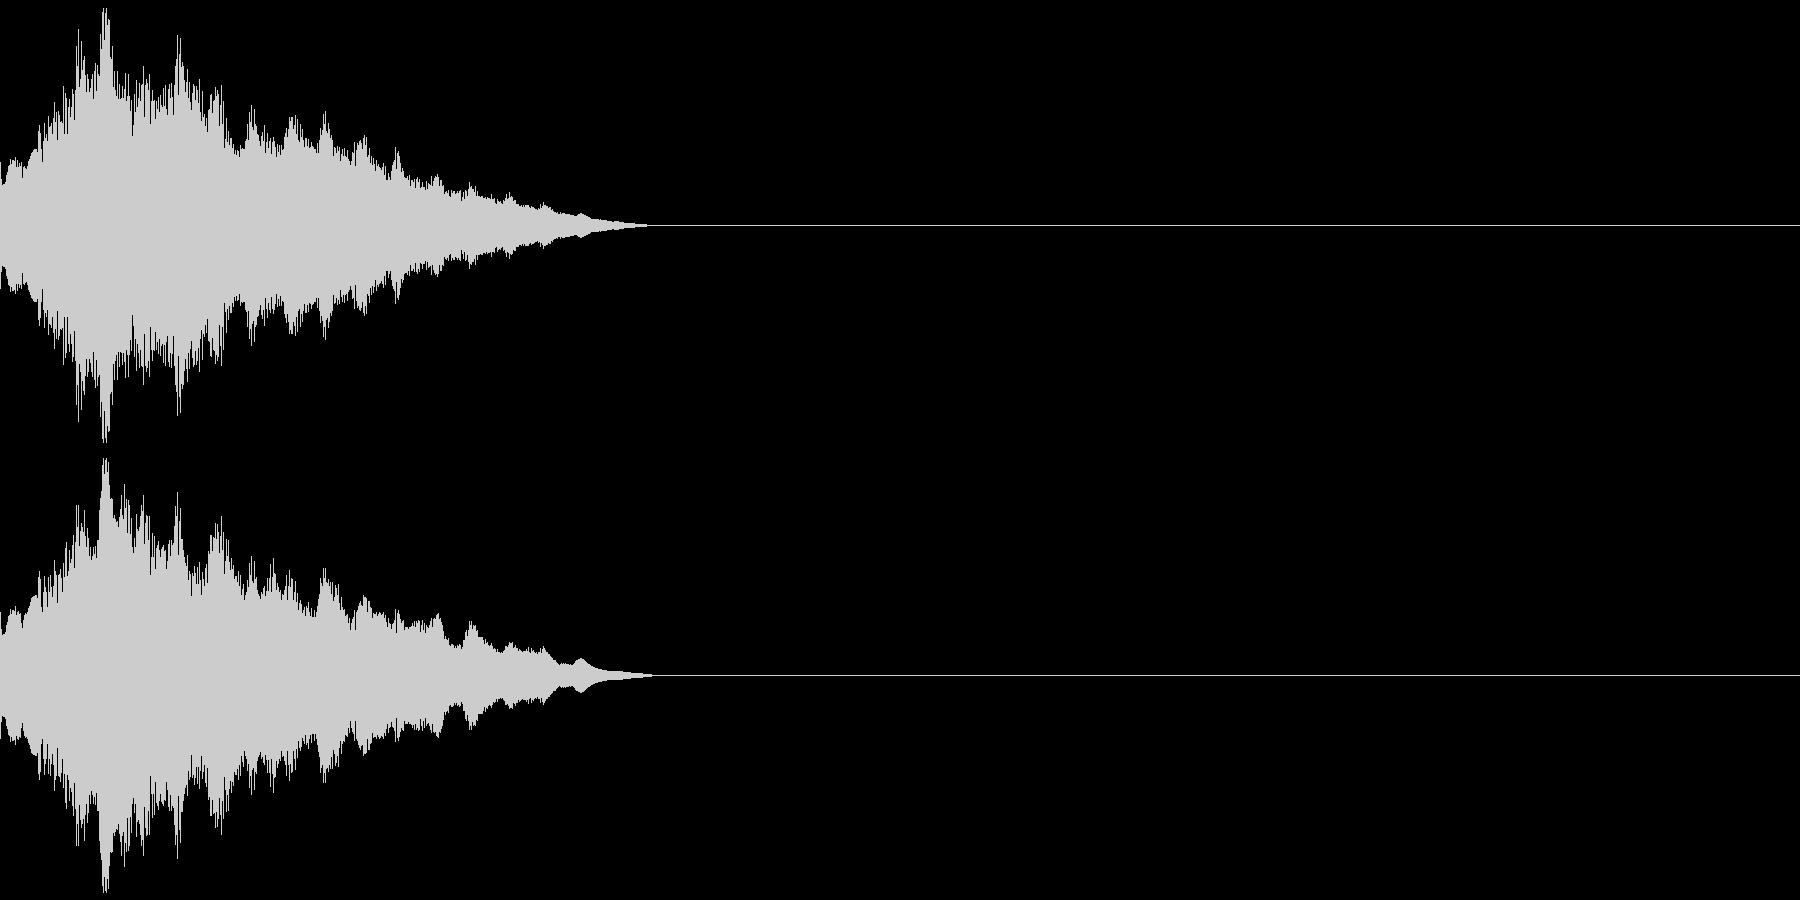 キラーン! 可愛い効果音の未再生の波形